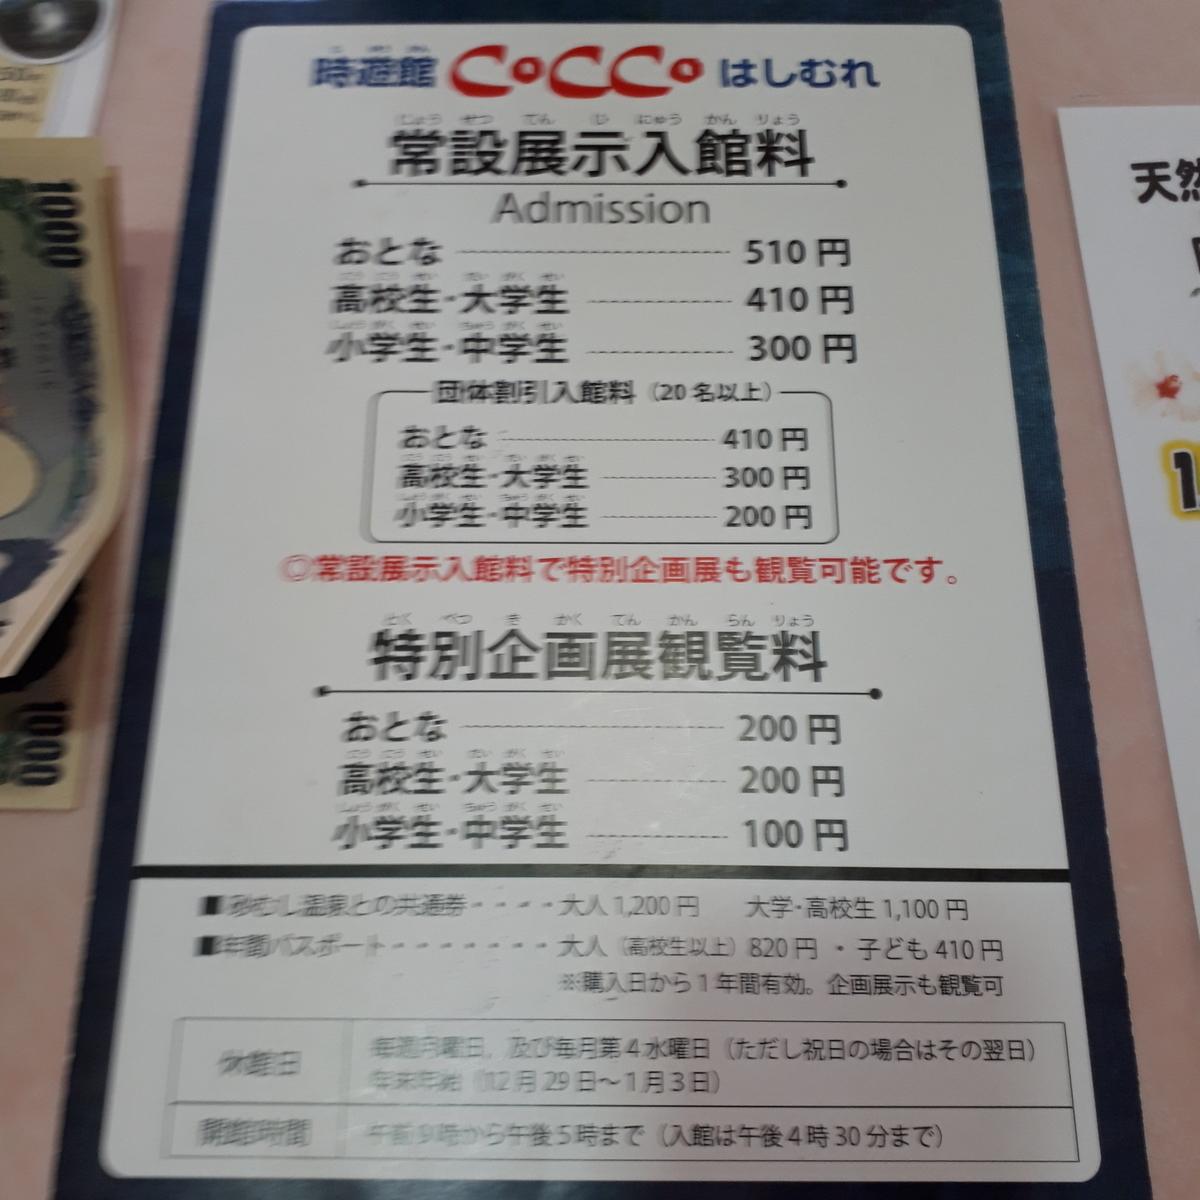 指宿市考古博物館 時遊館 Cocco はしむれ 入館料